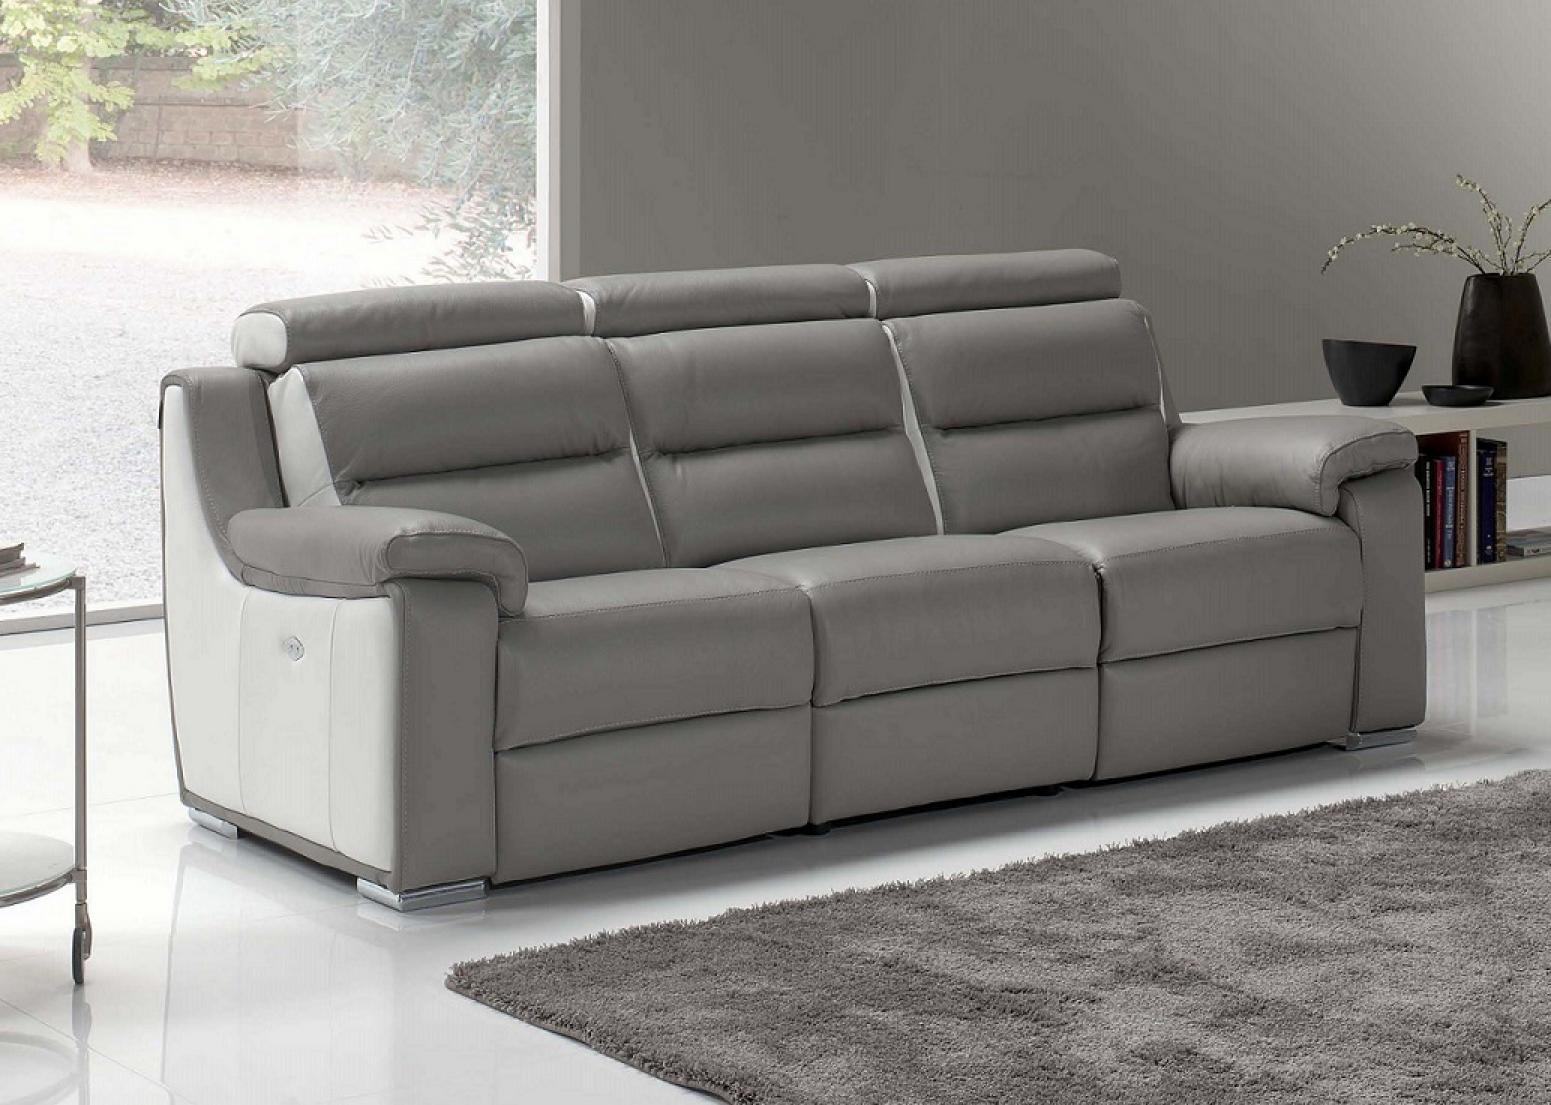 photos canap electrique 3 places. Black Bedroom Furniture Sets. Home Design Ideas